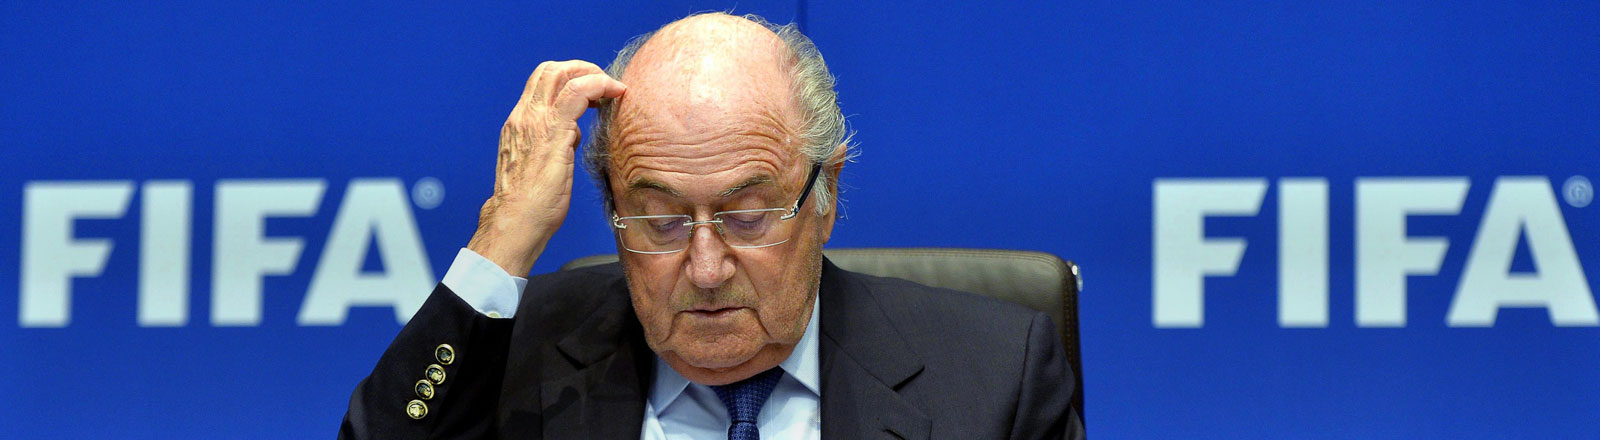 Sepp Blatter kratzt sich am Kopf.